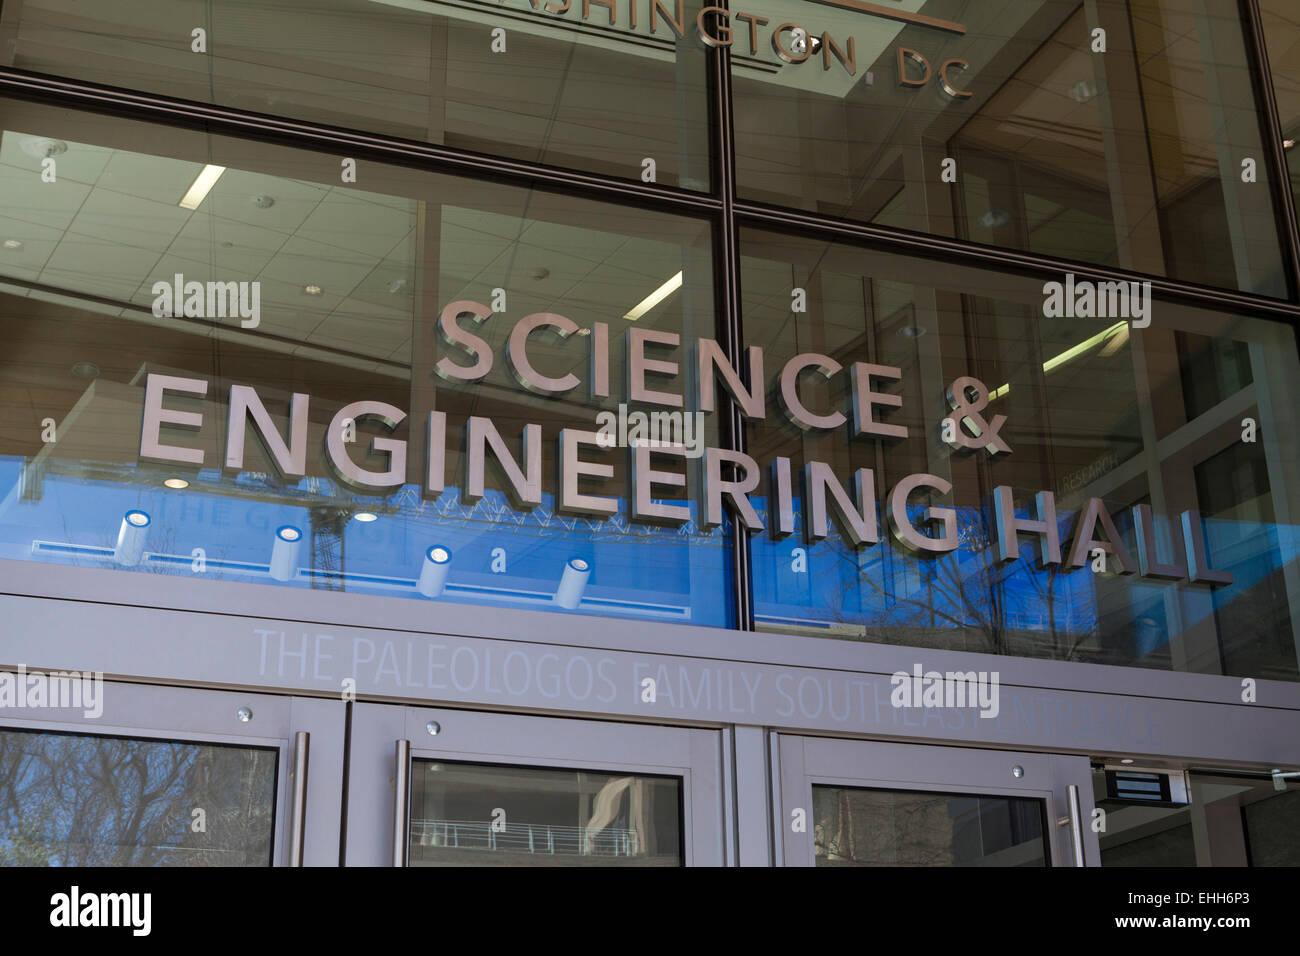 George Washington University Science and Engineering building - Washington, DC USA - Stock Image